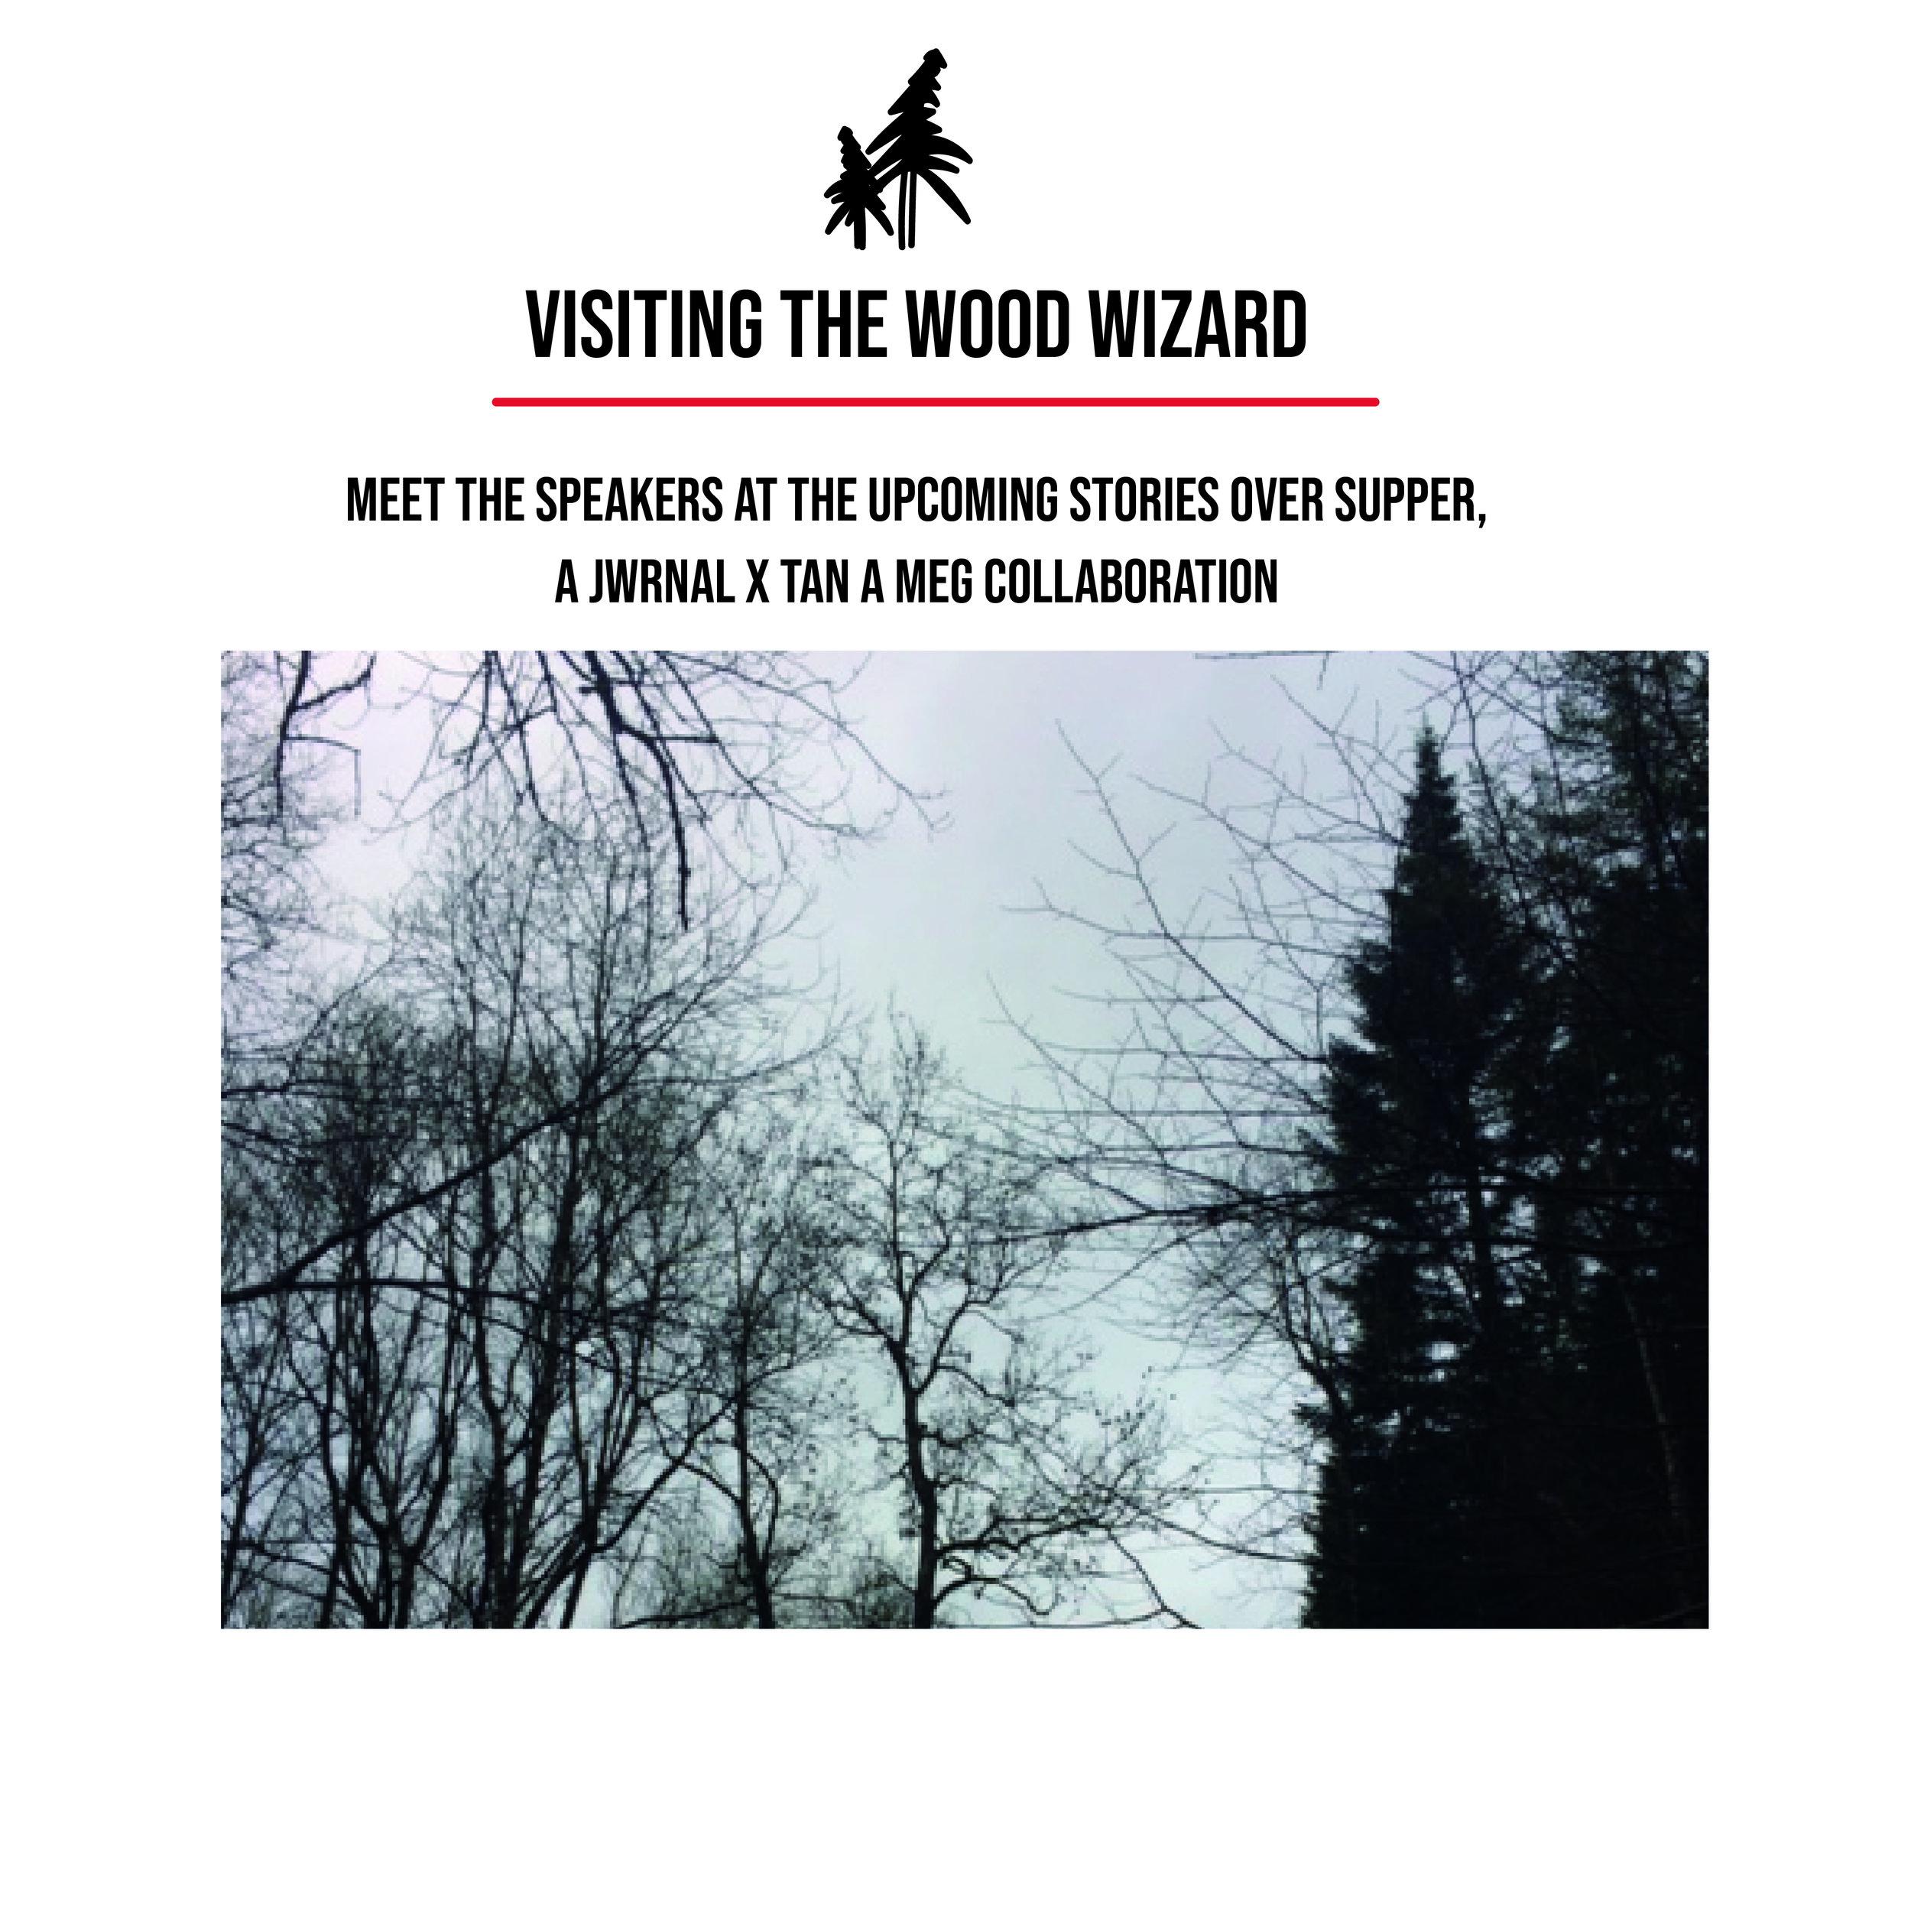 woodwizard-01.jpg